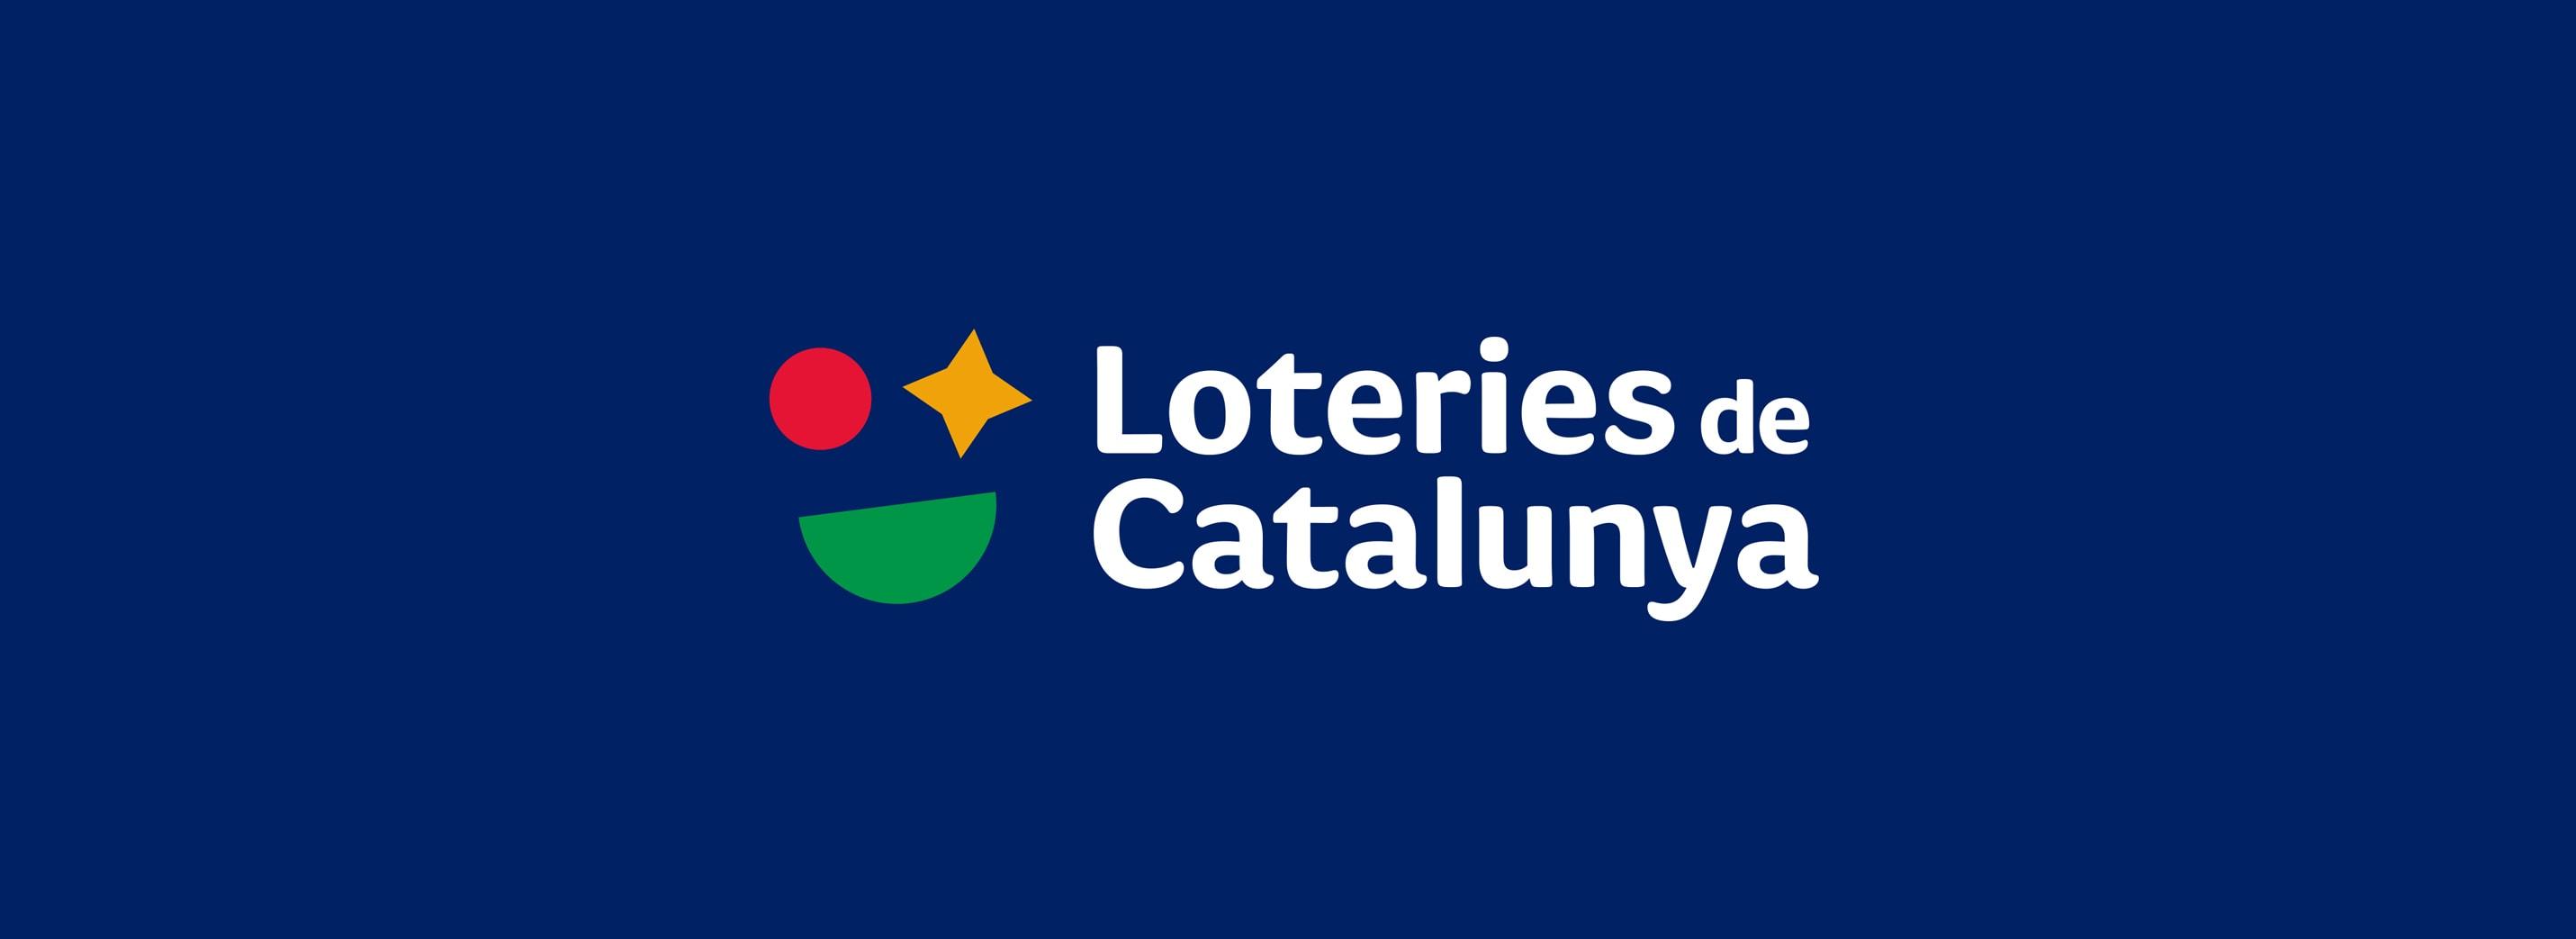 Loteries Logotipo